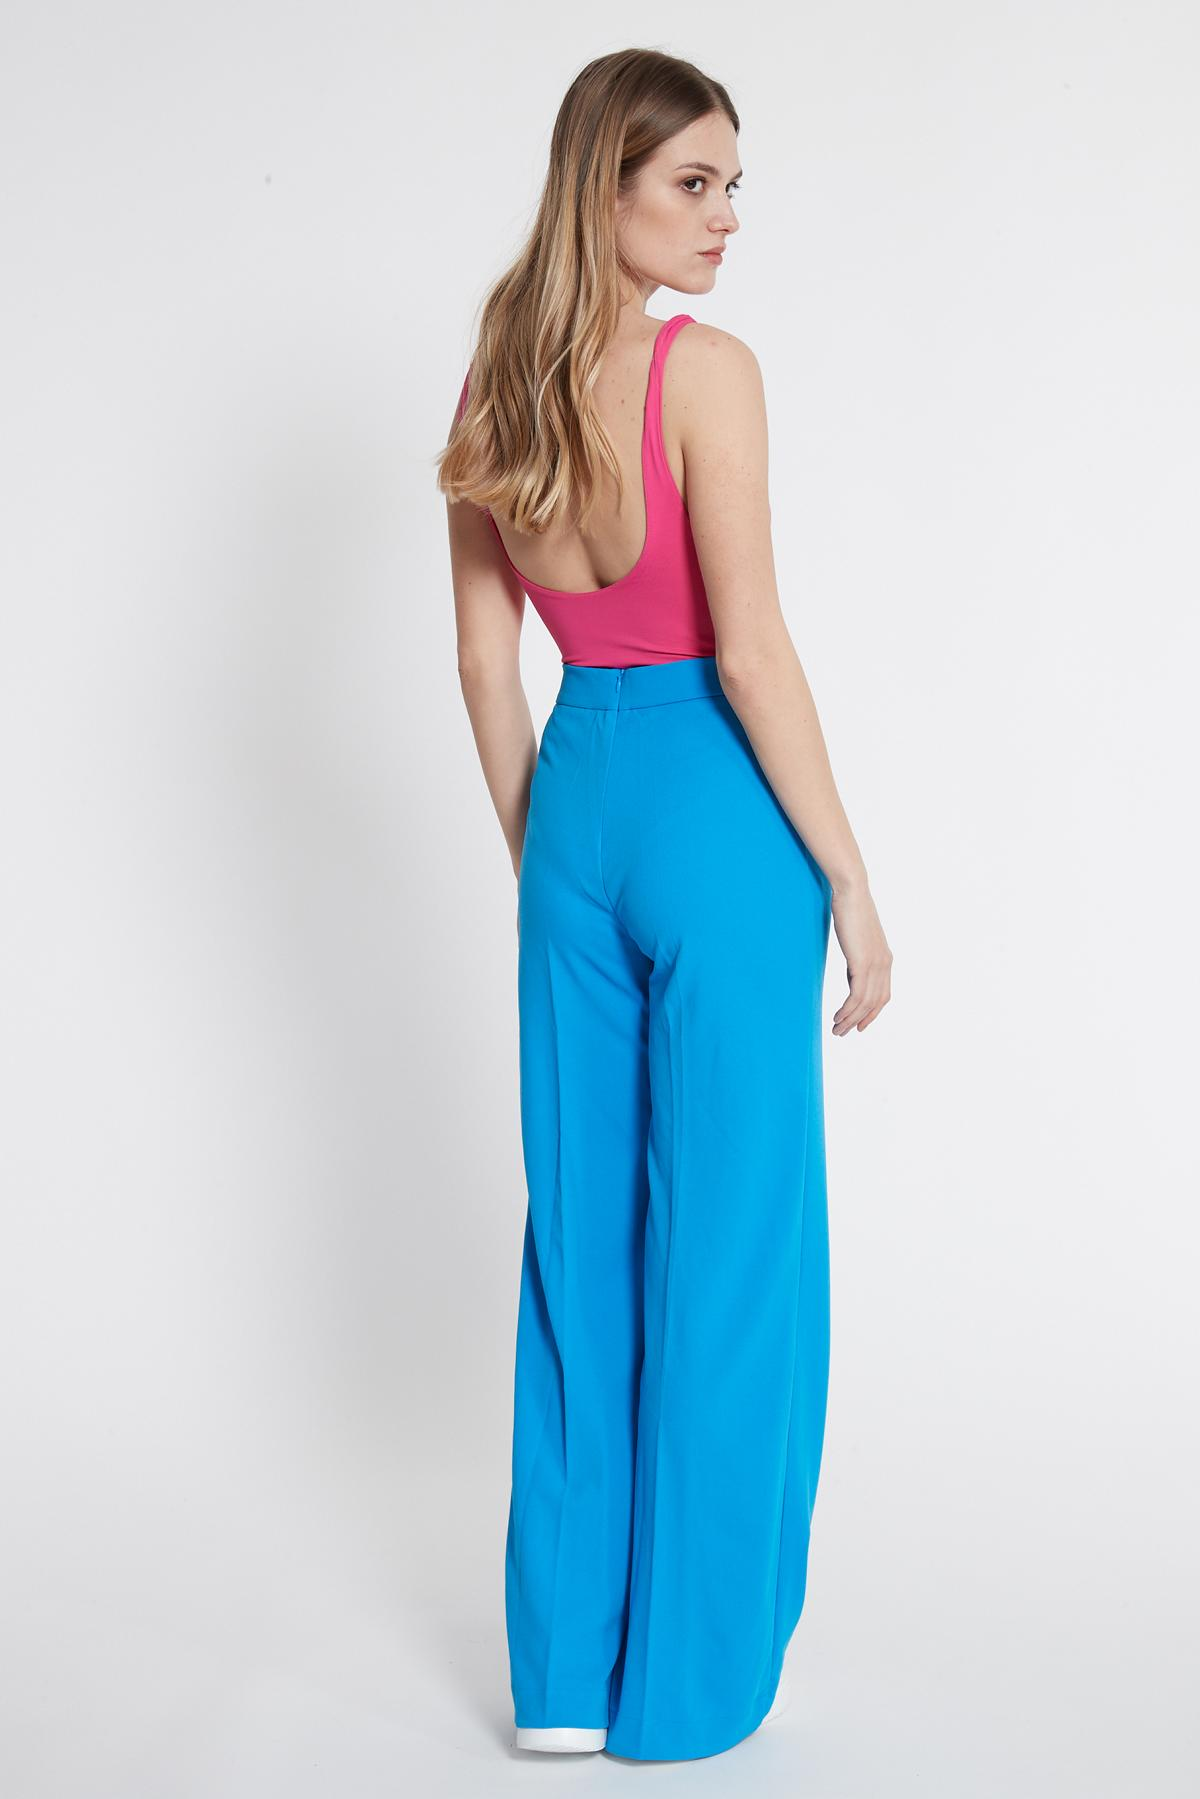 Rückansicht von Ana Alcazar Weite Hose Sazosa Blau  angezogen an Model